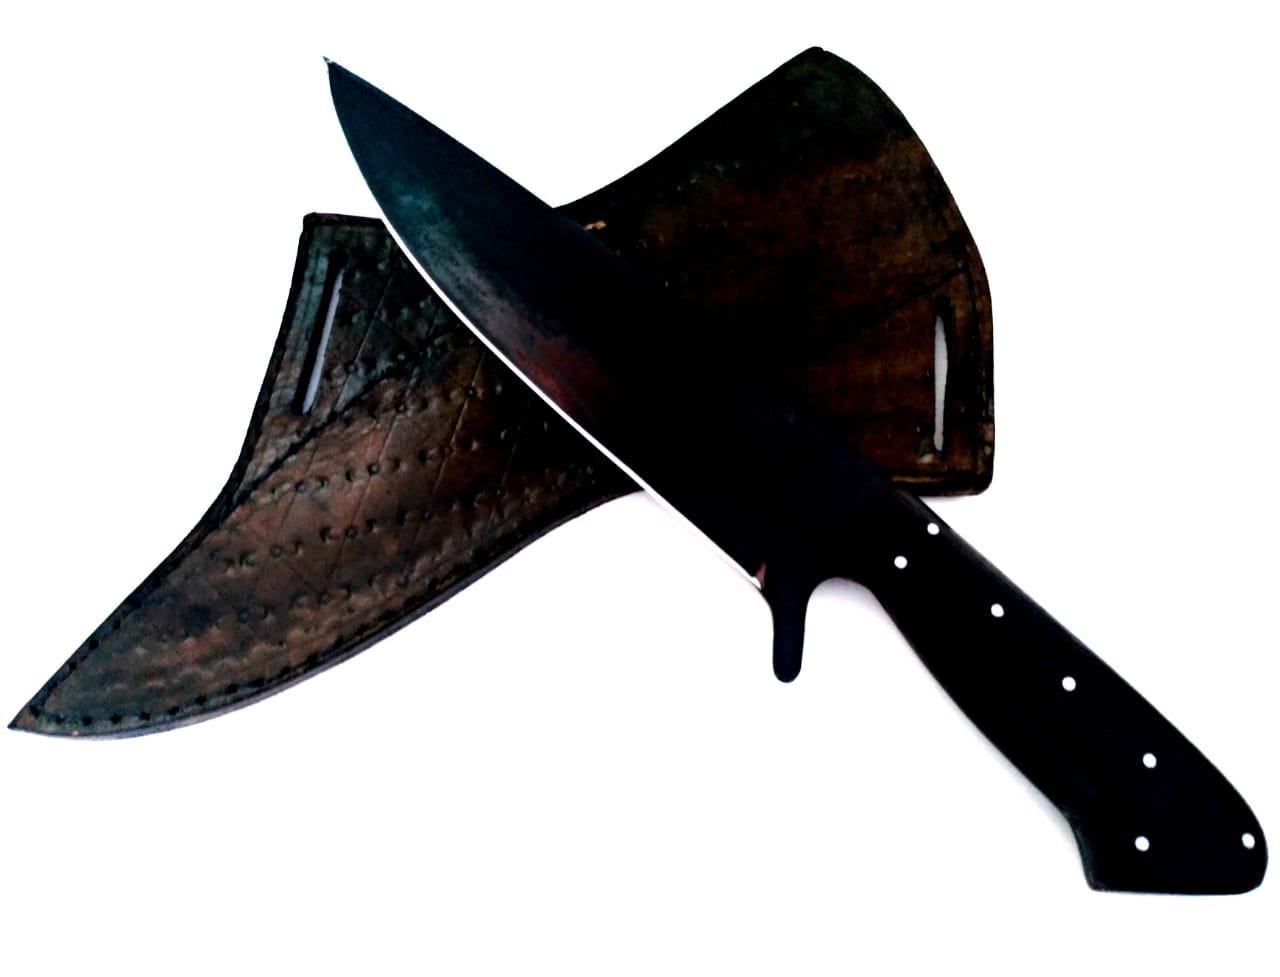 Faca artesanal de caça verraco death shadow 9 polegadas